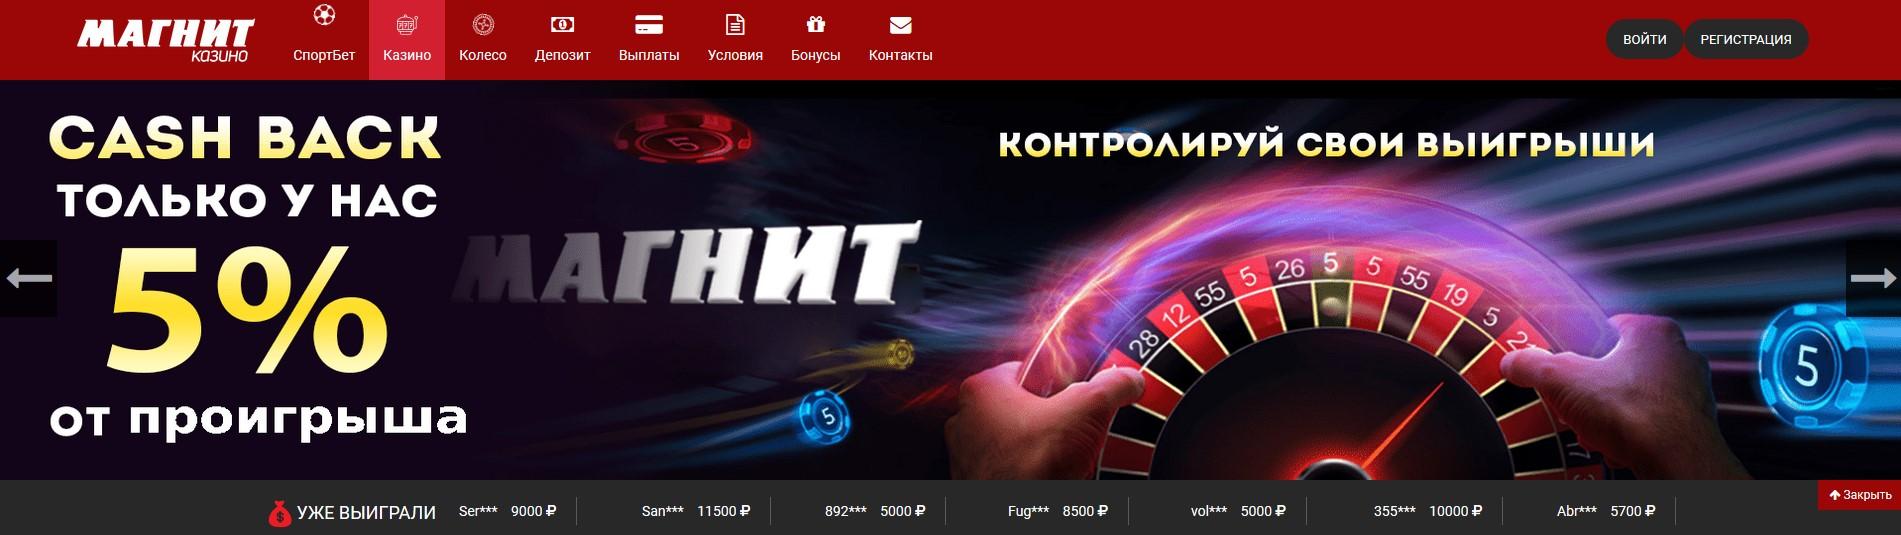 Магнит - Официальный сайт